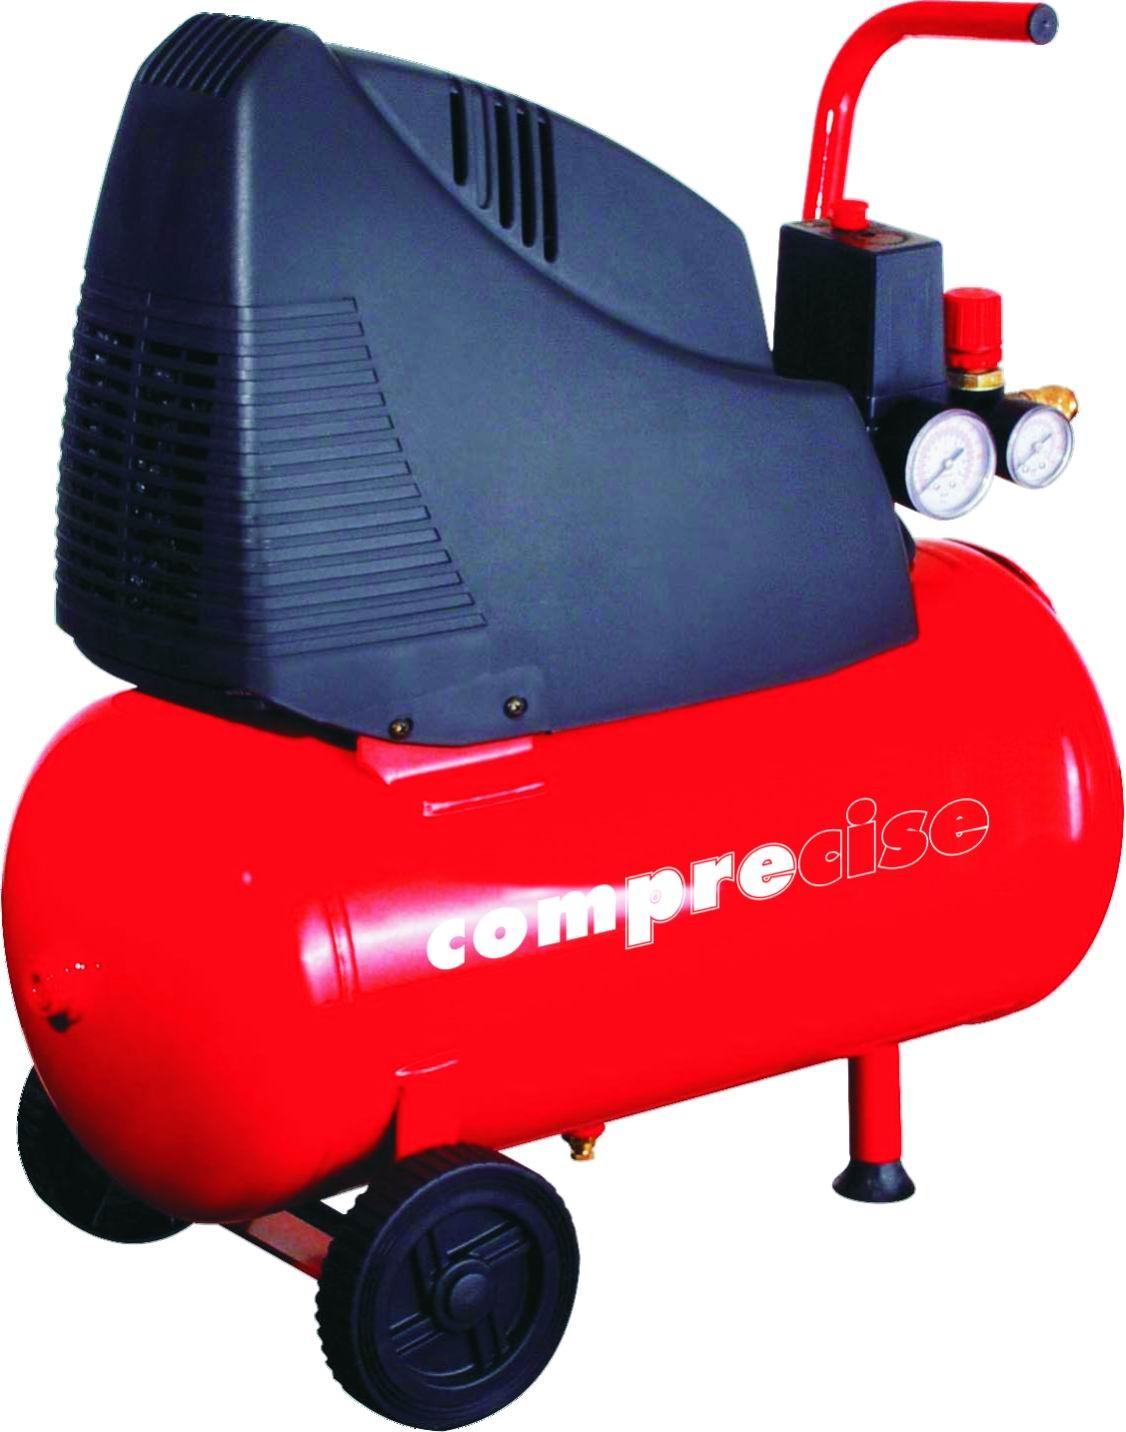 COMPRECISE OL195/24 rychloběžný bezolejový kompresor